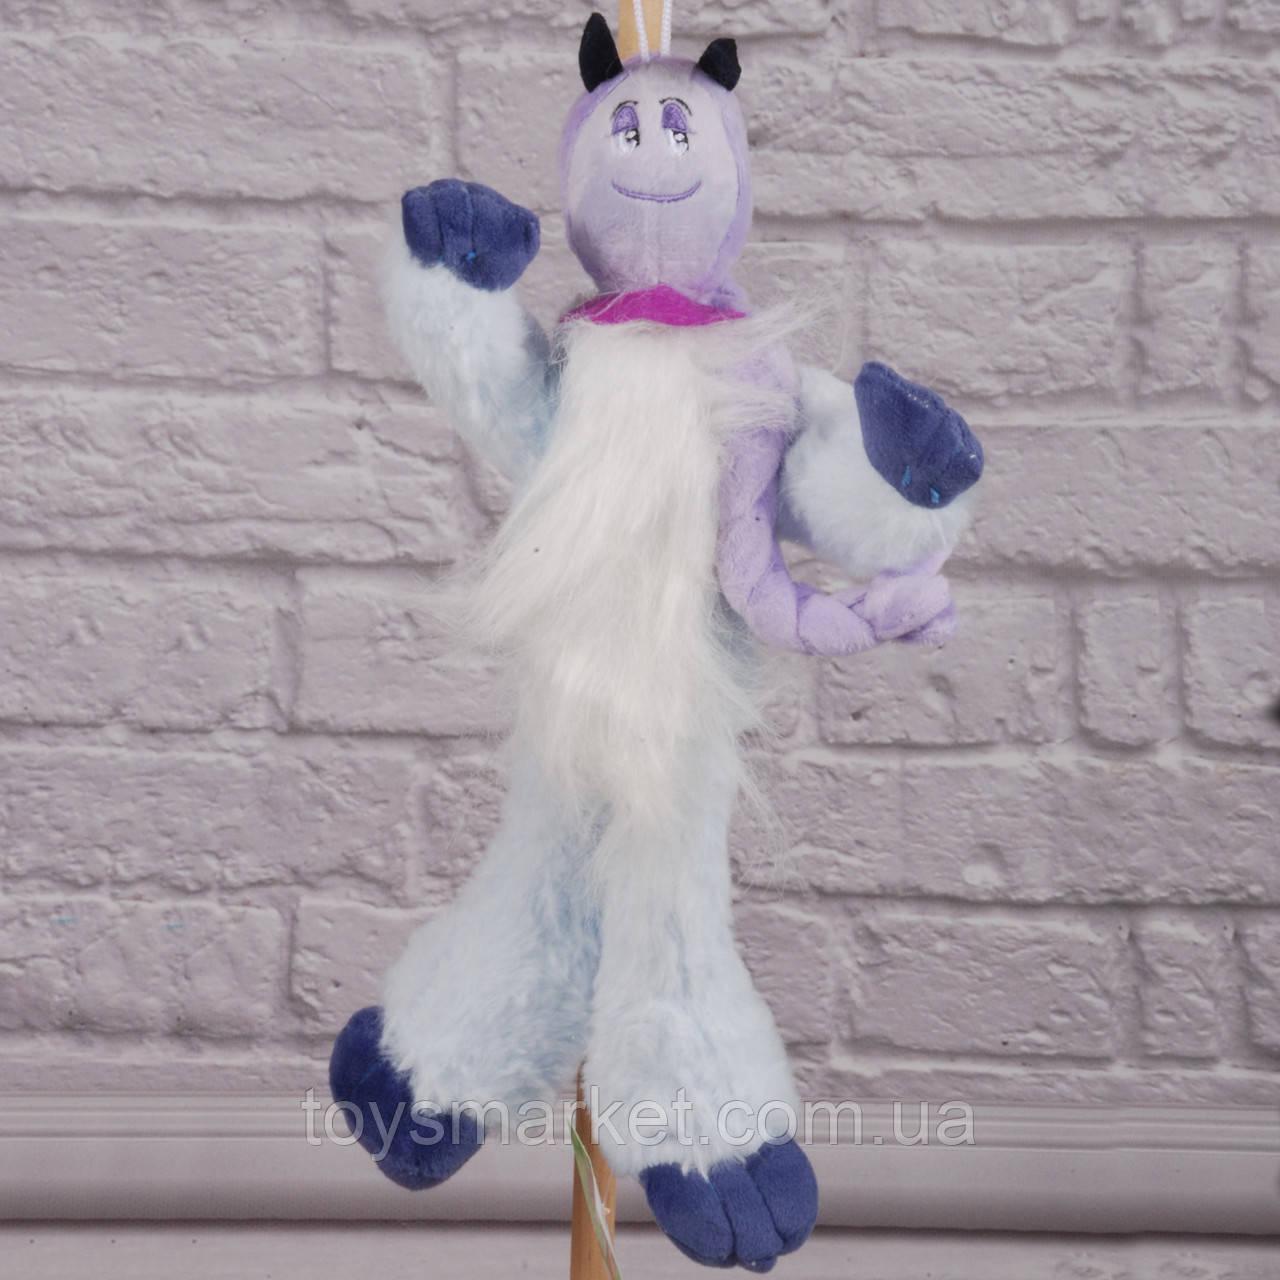 """Мягкая игрушка Миичи, плюшевый снежный человек Meechee, игрушки из """"Смолфут"""", """"SmallFoot"""""""